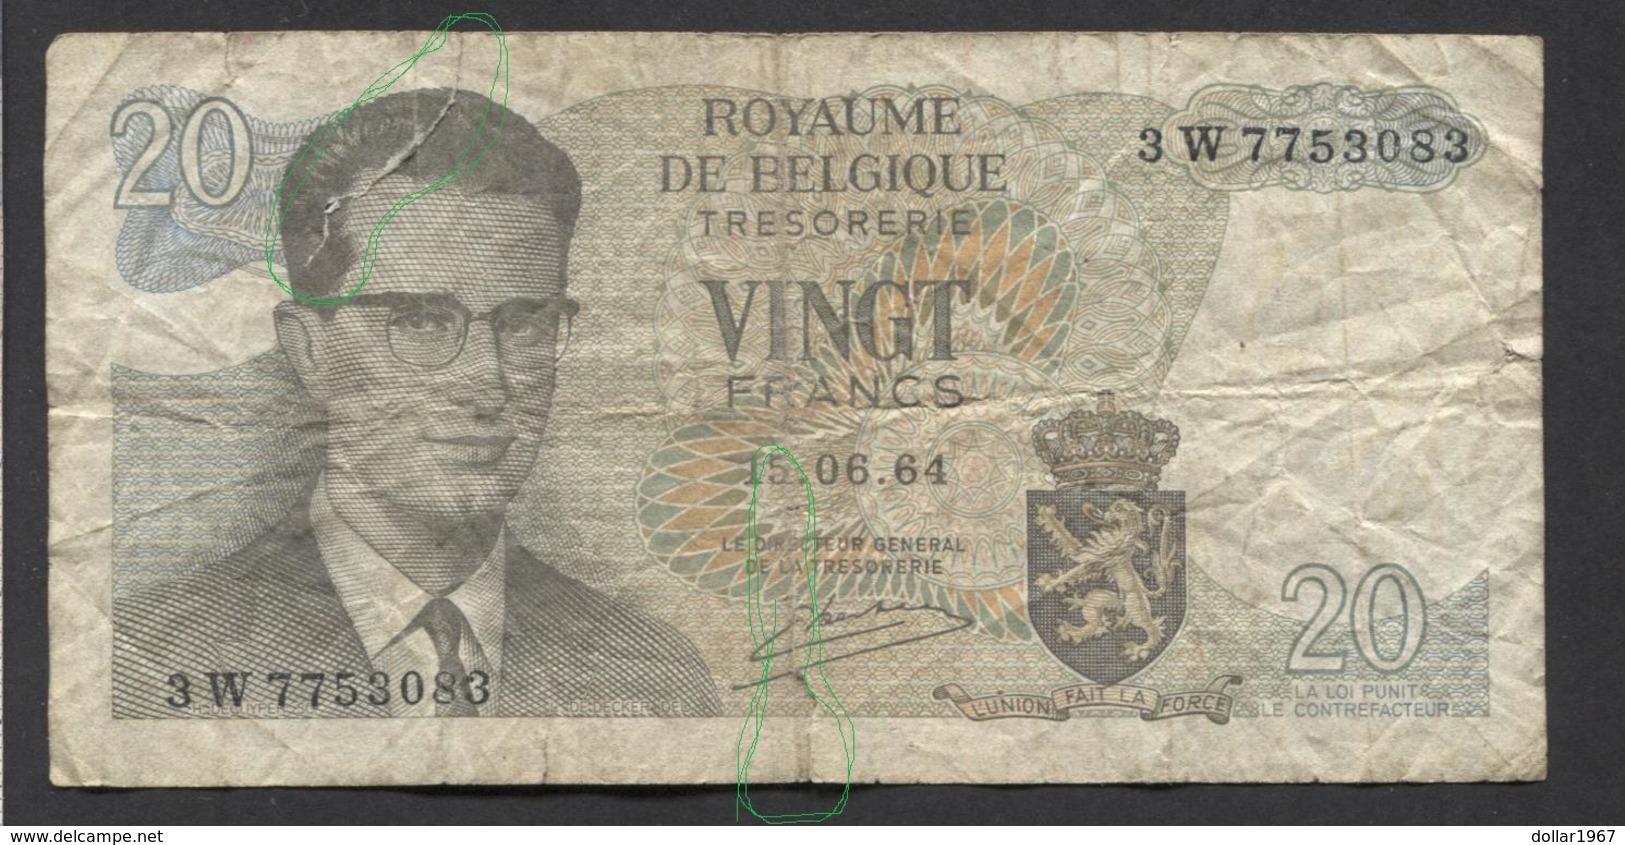 België Belgique Belgium 15 06 1964 -  20 Francs Atomium Baudouin. 3 W  7753083 - [ 6] Treasury